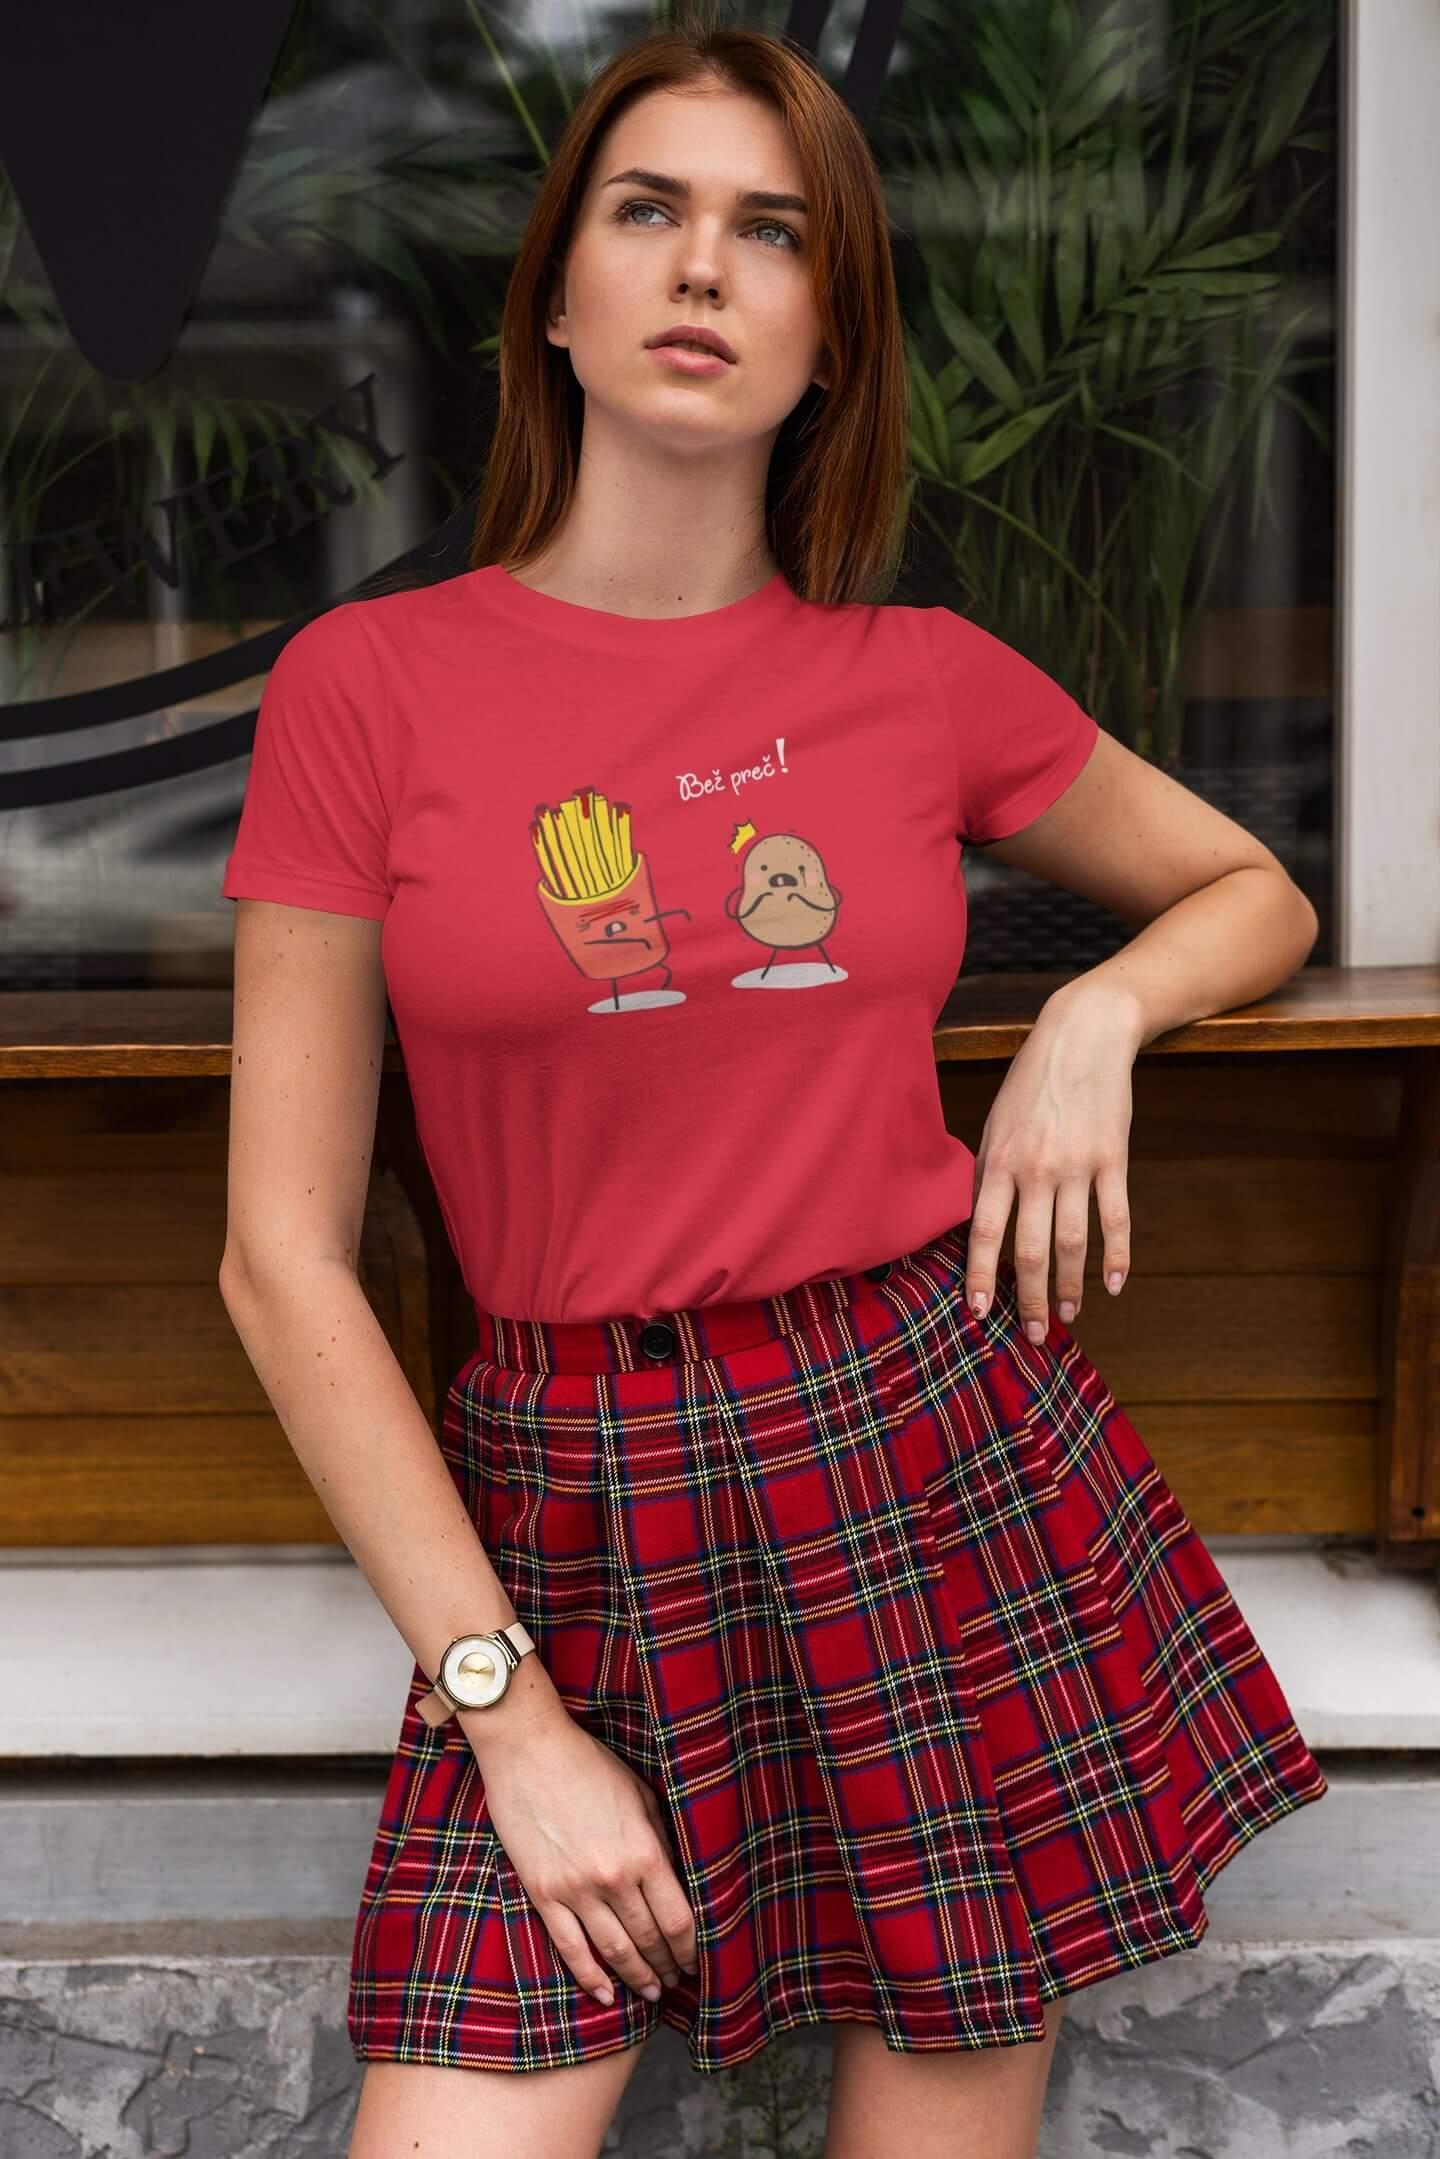 MMO Dámske tričko Bež preč! Vyberte farbu: Červená, Dámska veľkosť: XS